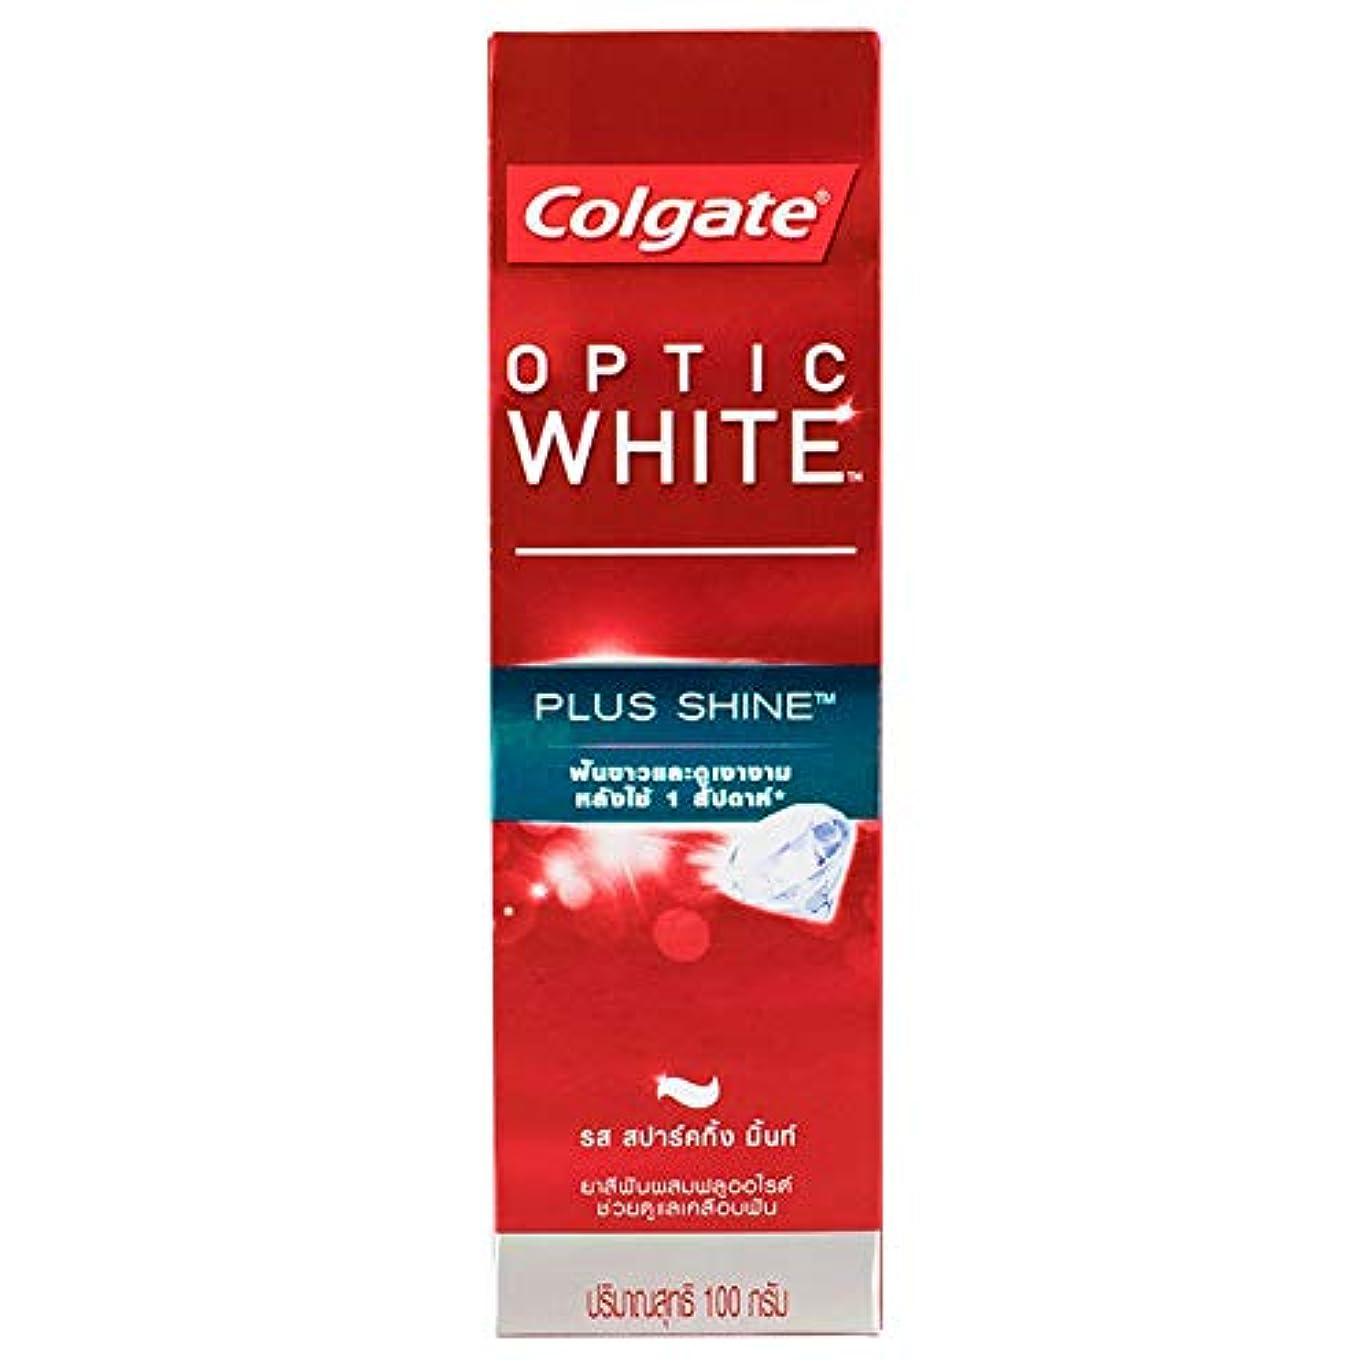 満州防衛(コルゲート)Colgate 歯磨き粉 「オプティック ホワイト 」 (プラス シャイン)